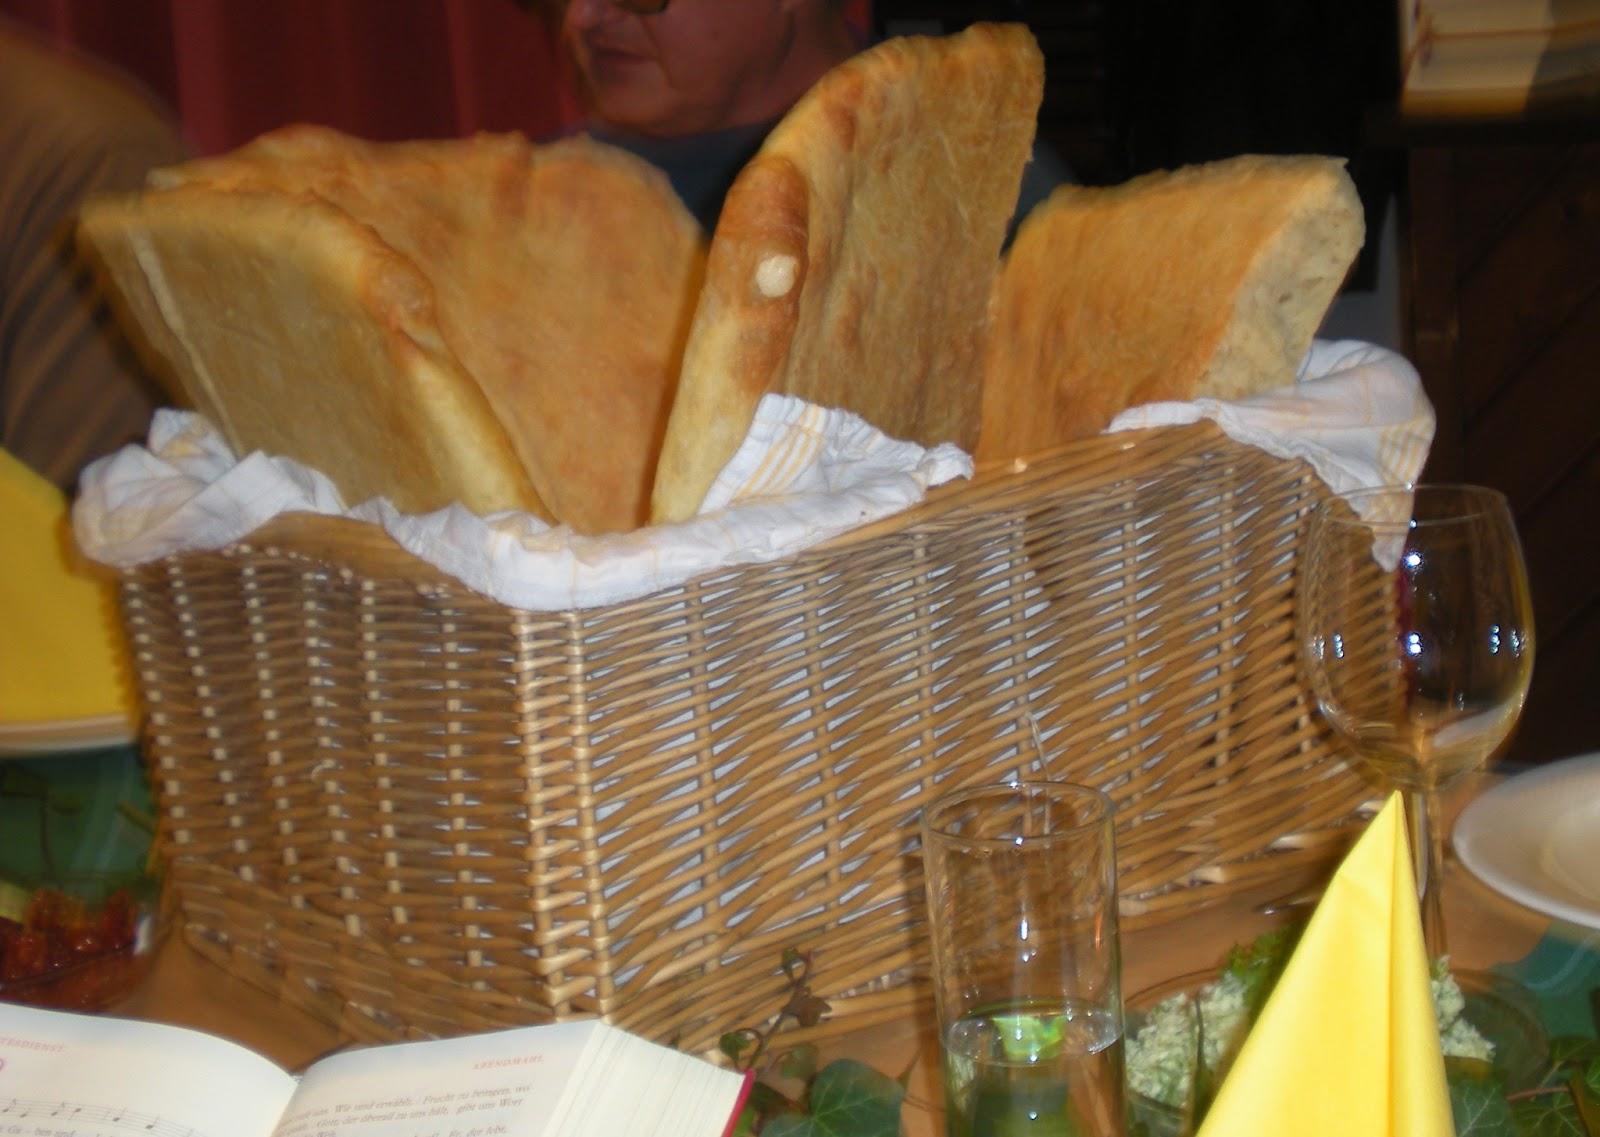 Kirchengeschichten: Abendmahlsbrot aus eigener Herstellung